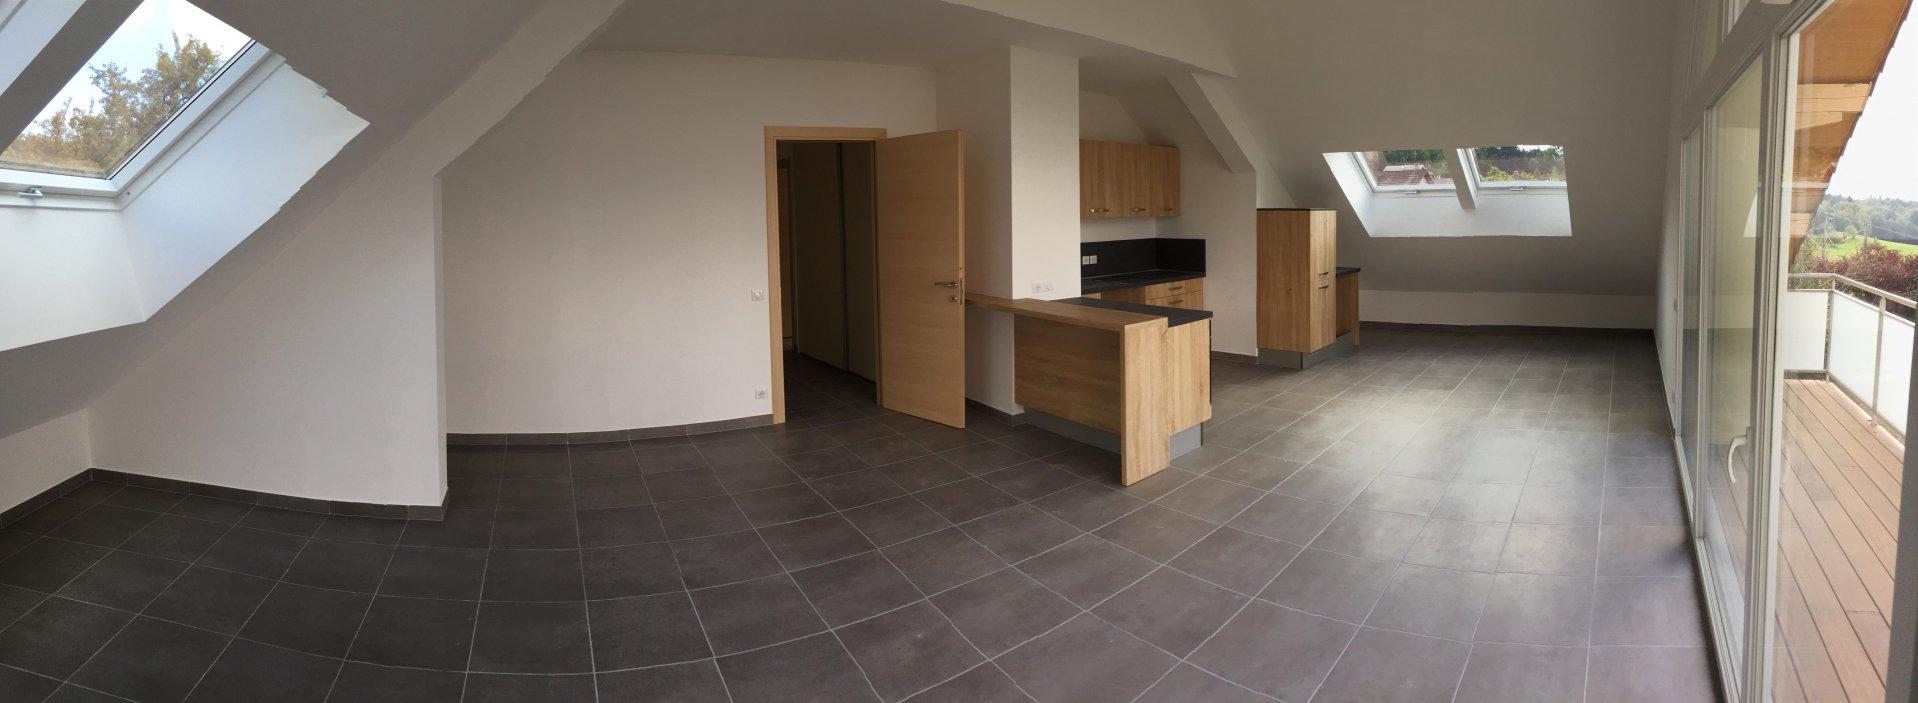 A465- Saint-Martin de Bellevue, Appartement T4 de 130m2 habitables